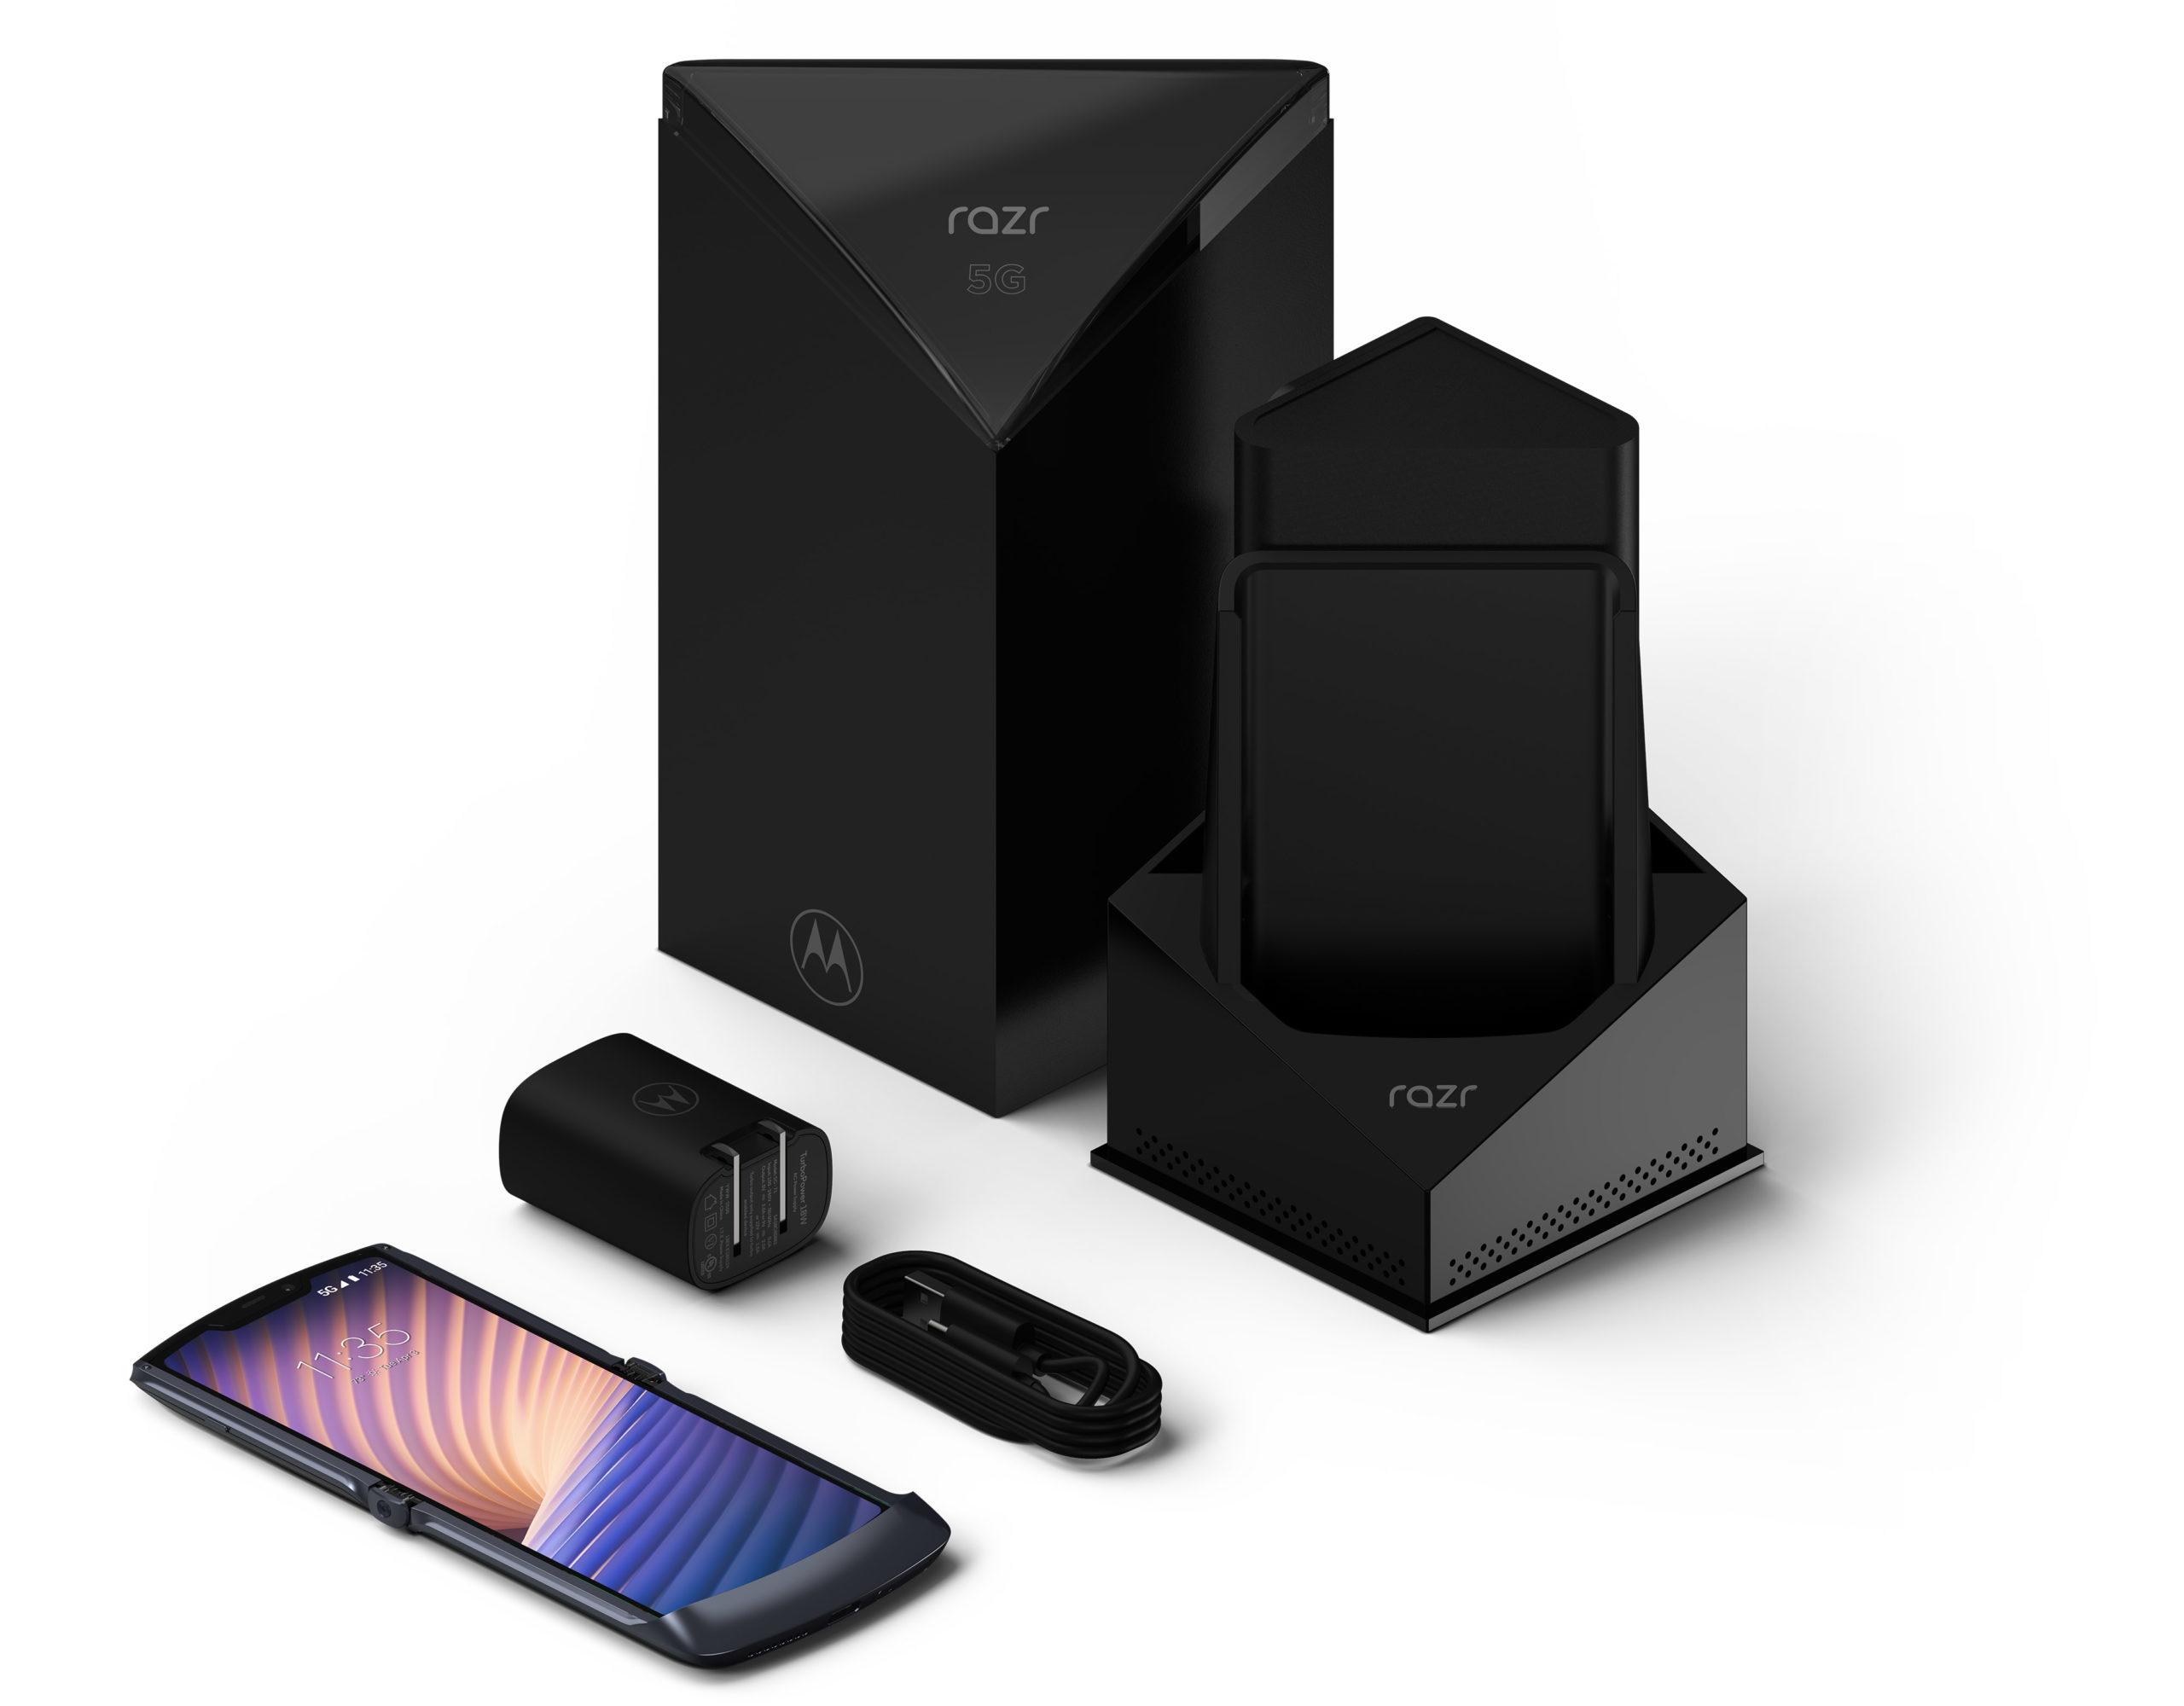 کارتن و جعبه تلفن هوشمند موتورولا Motorola Razr 5G